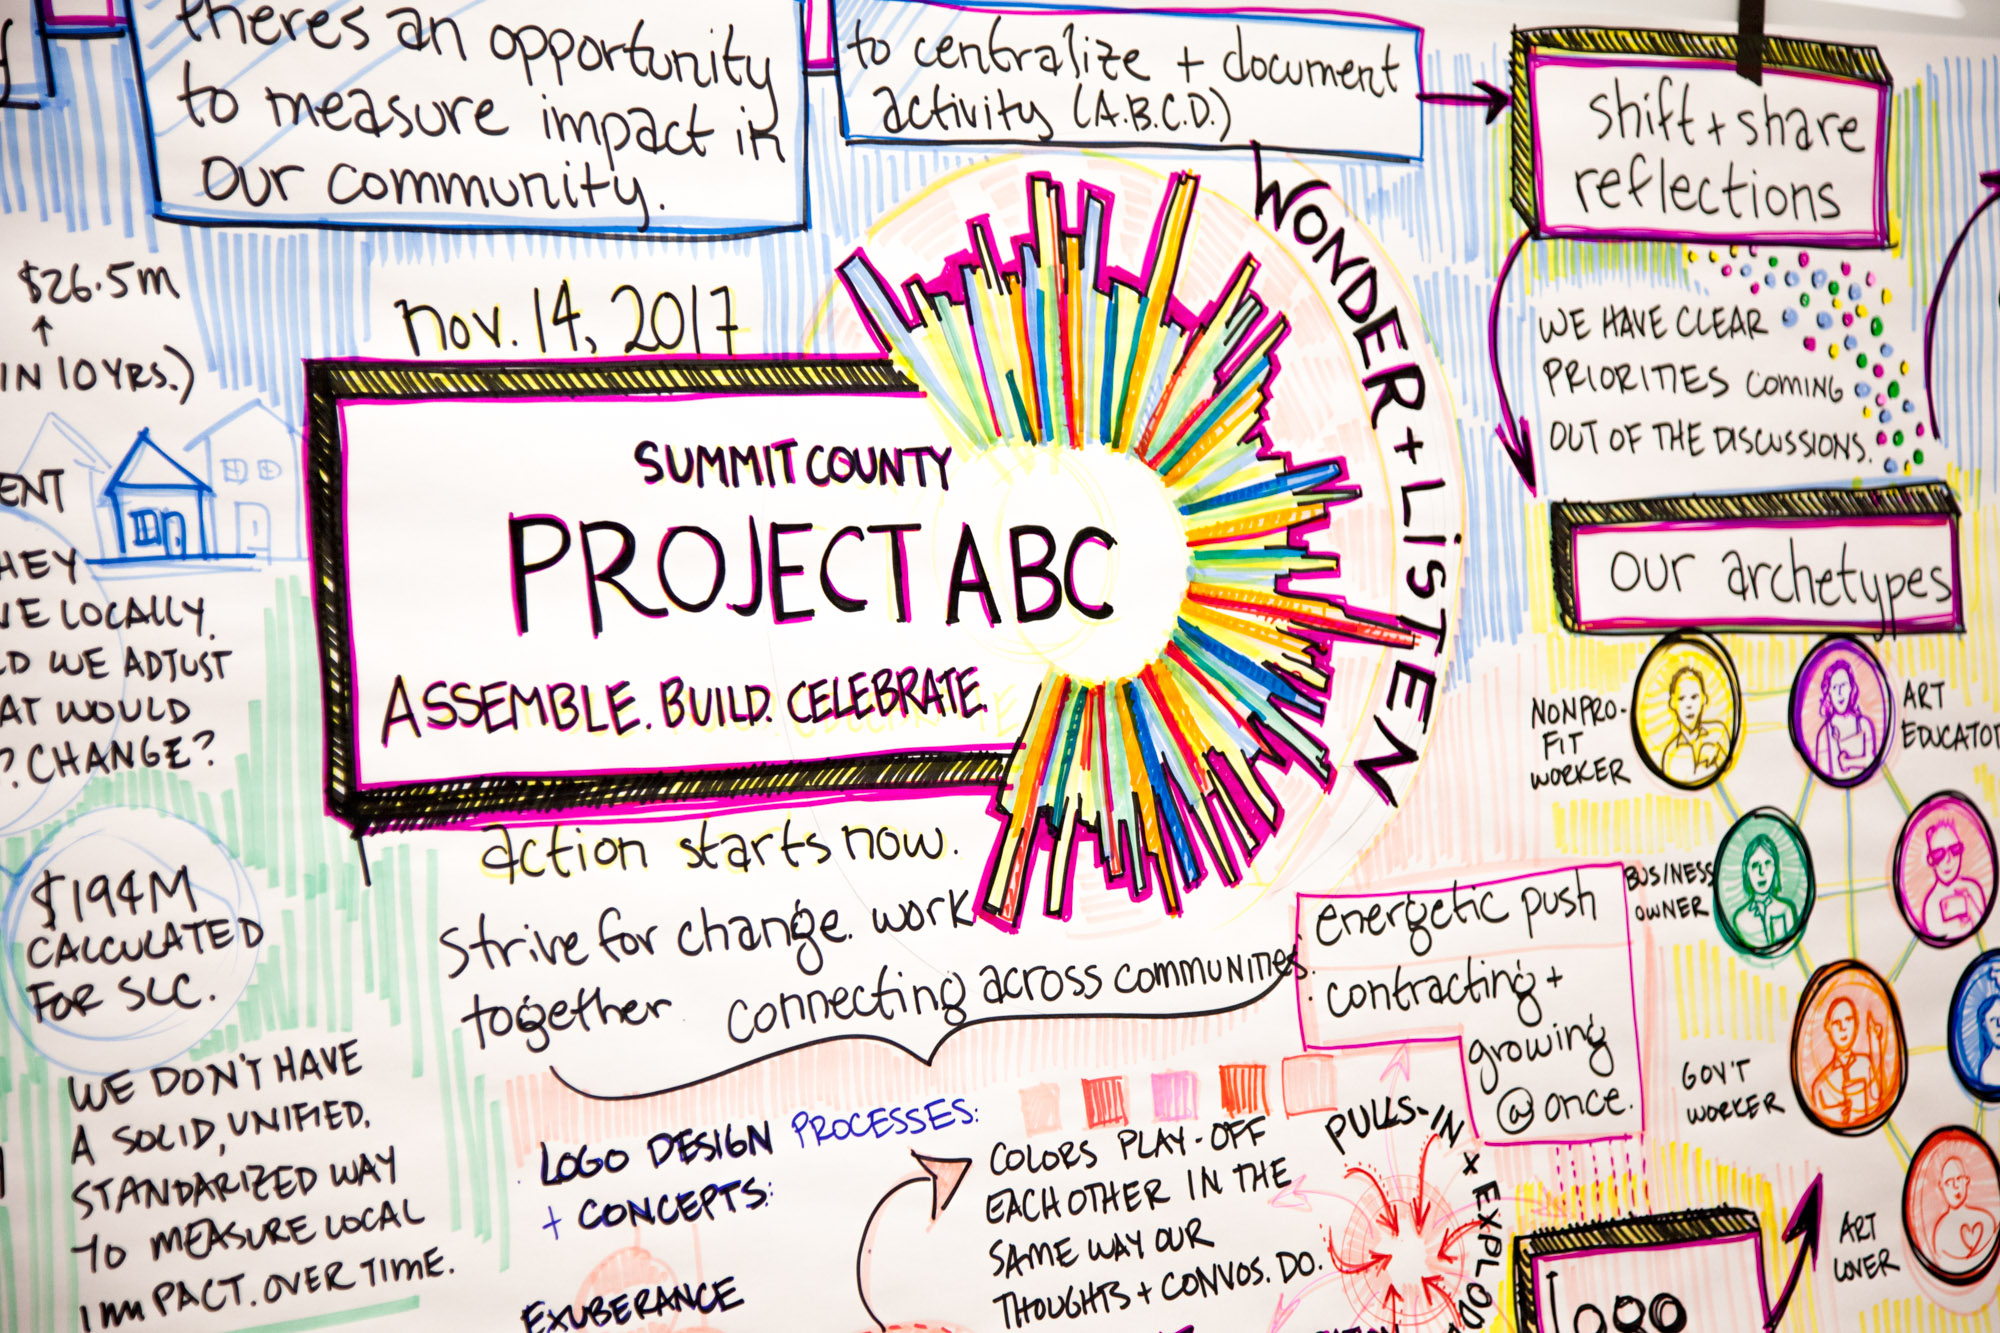 ProjectABC Summit_11.14.17_RW_sm-2.jpg